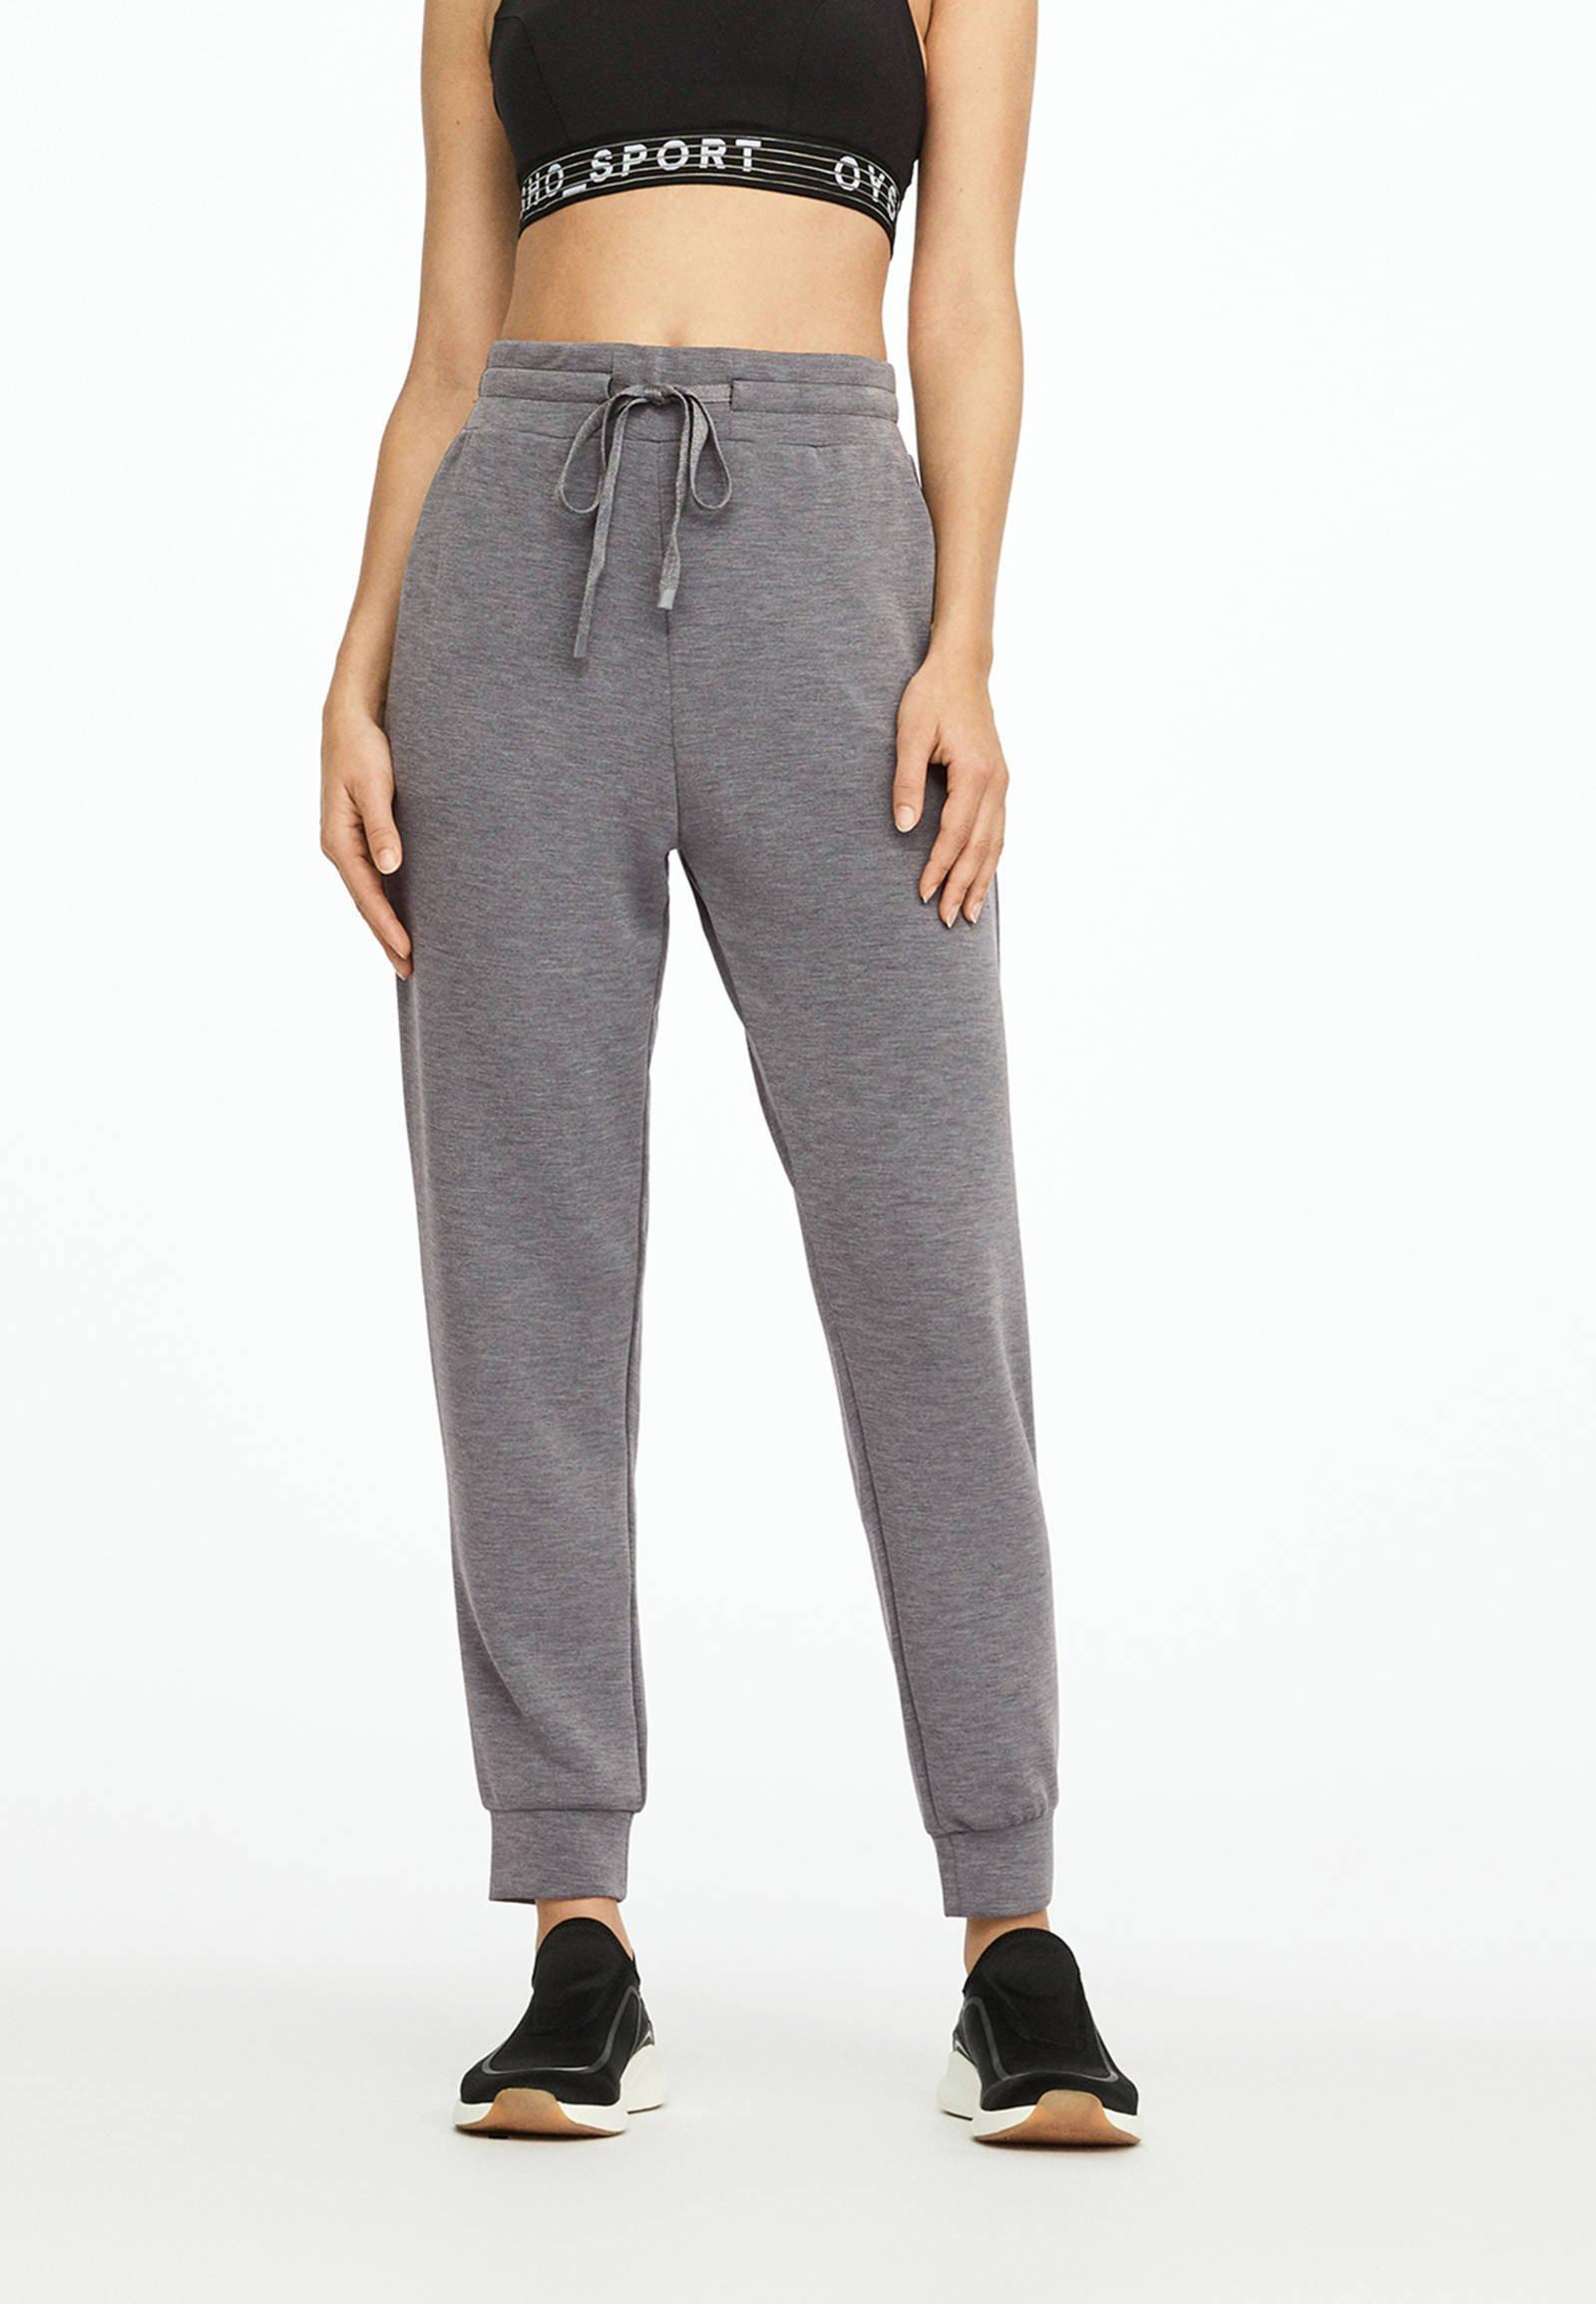 OYSHO_SPORT Spodnie treningowe - grey